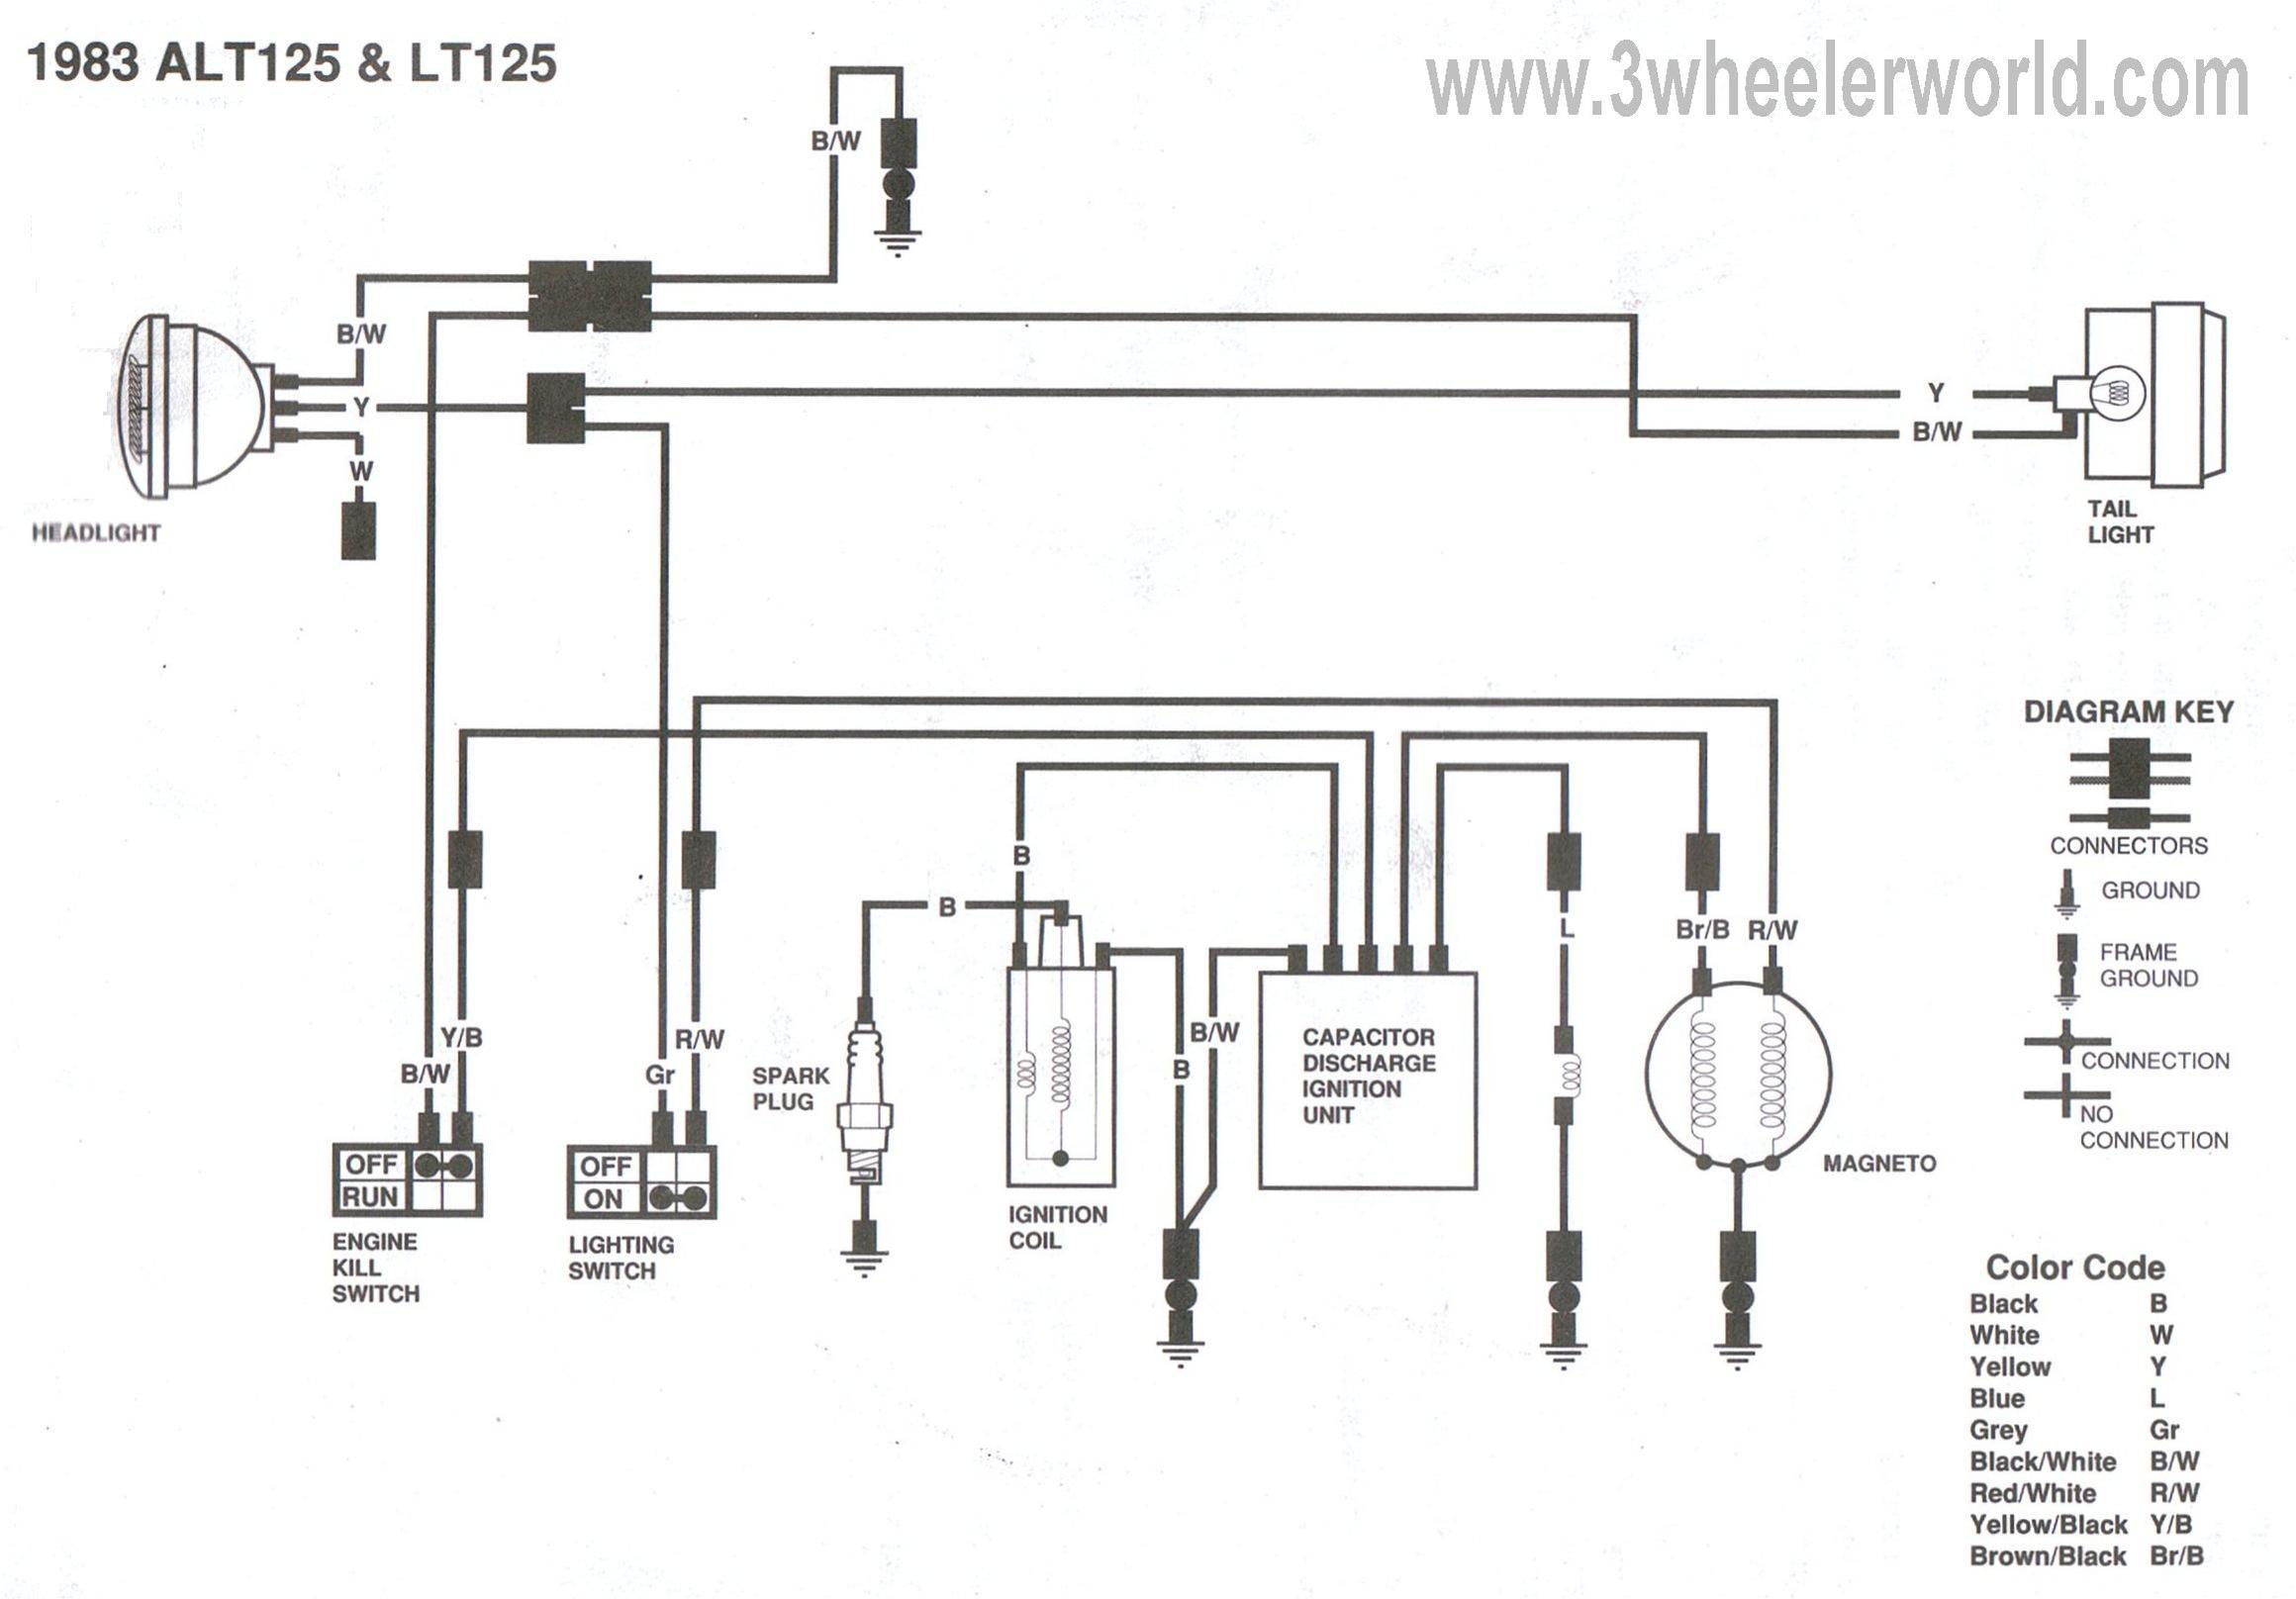 1986 suzuki lt250r wiring diagram 1986 image lt 250r wiring diagram lt auto wiring diagram schematic